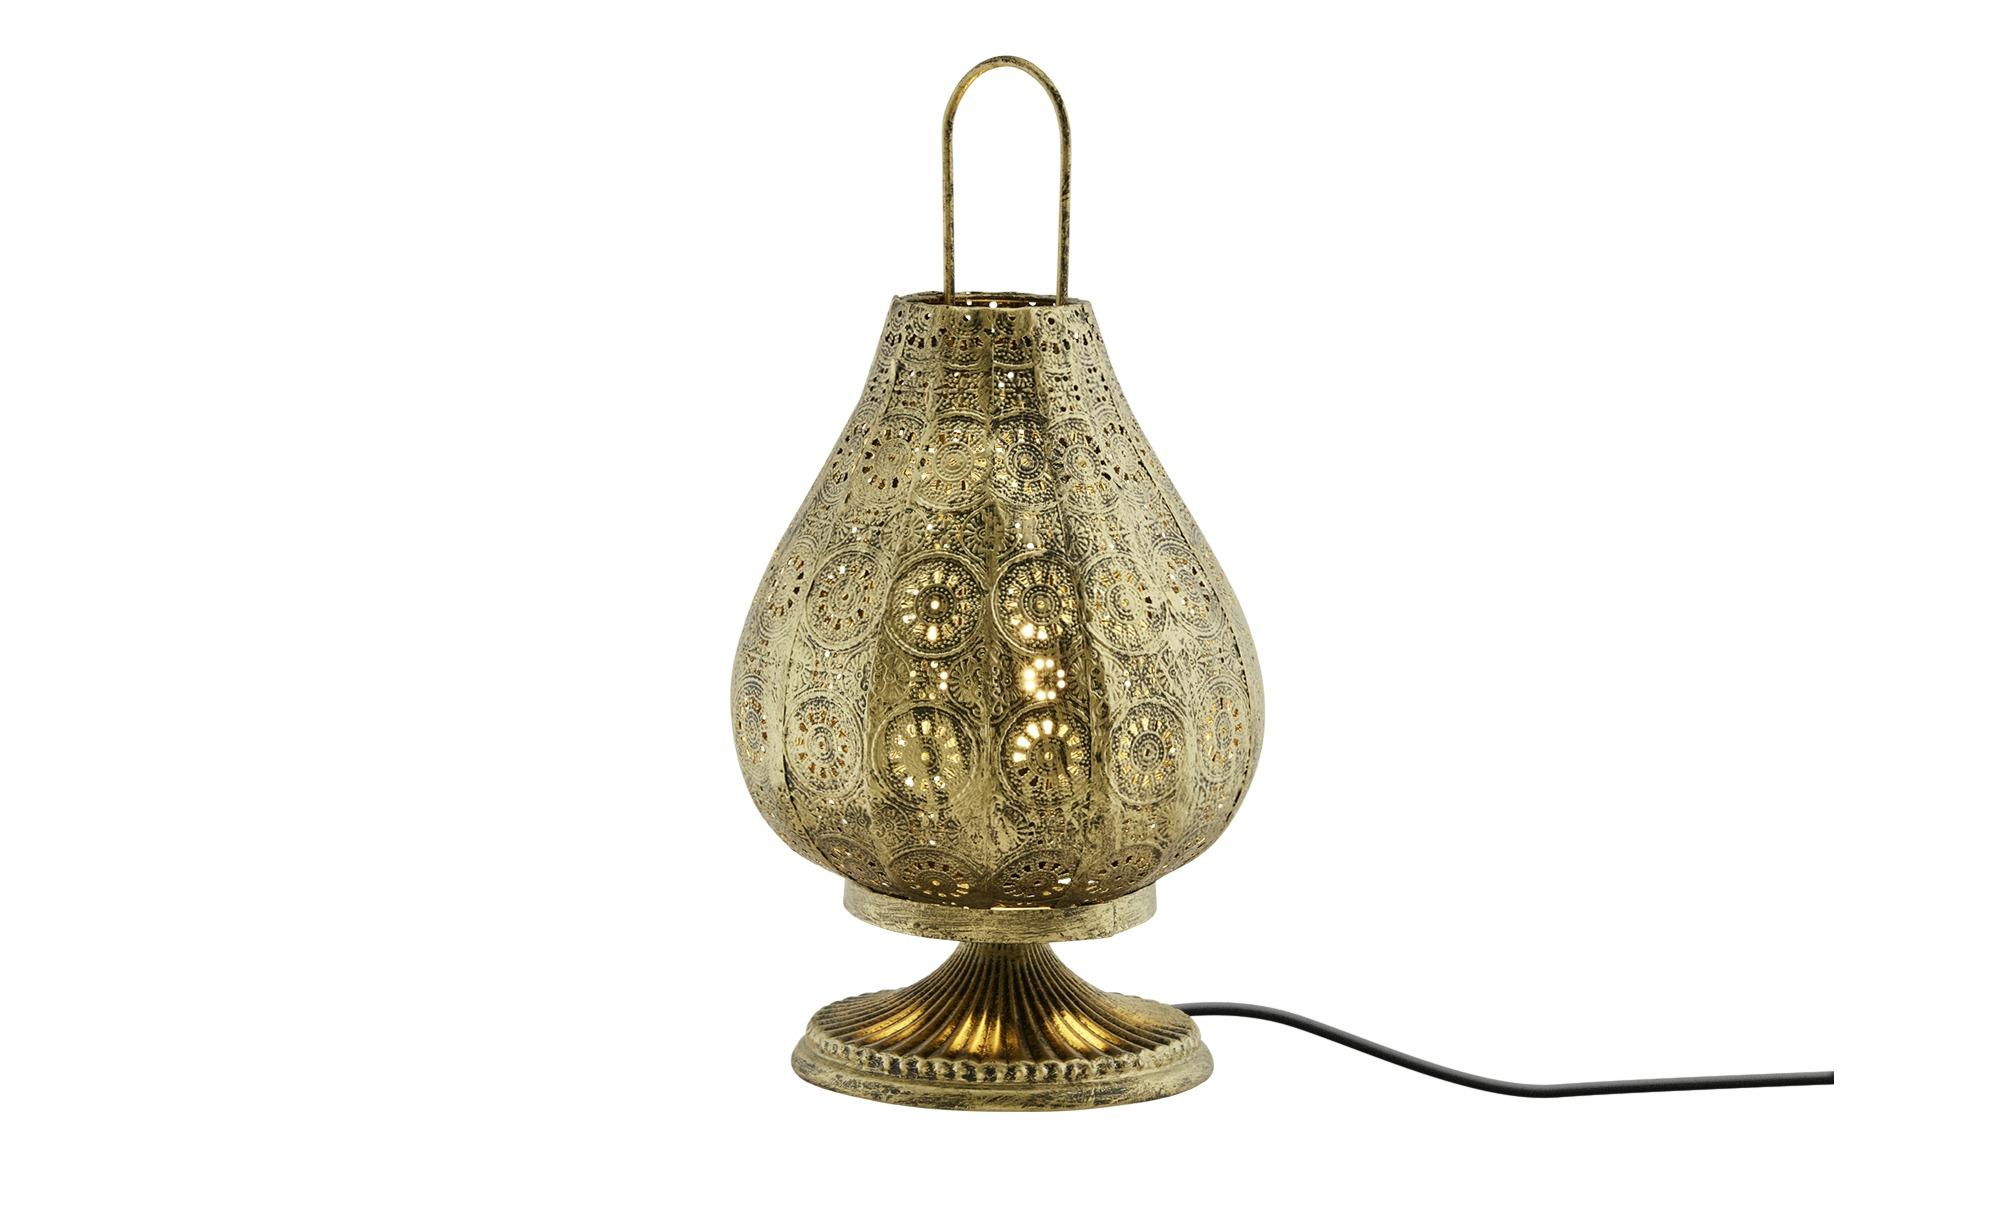 Trio Tischleuchte, 1-flammig ¦ gold ¦ Maße (cm): H: 36 Ø: 18.7 Lampen & Leuchten > Innenleuchten > Tischlampen - Höffner